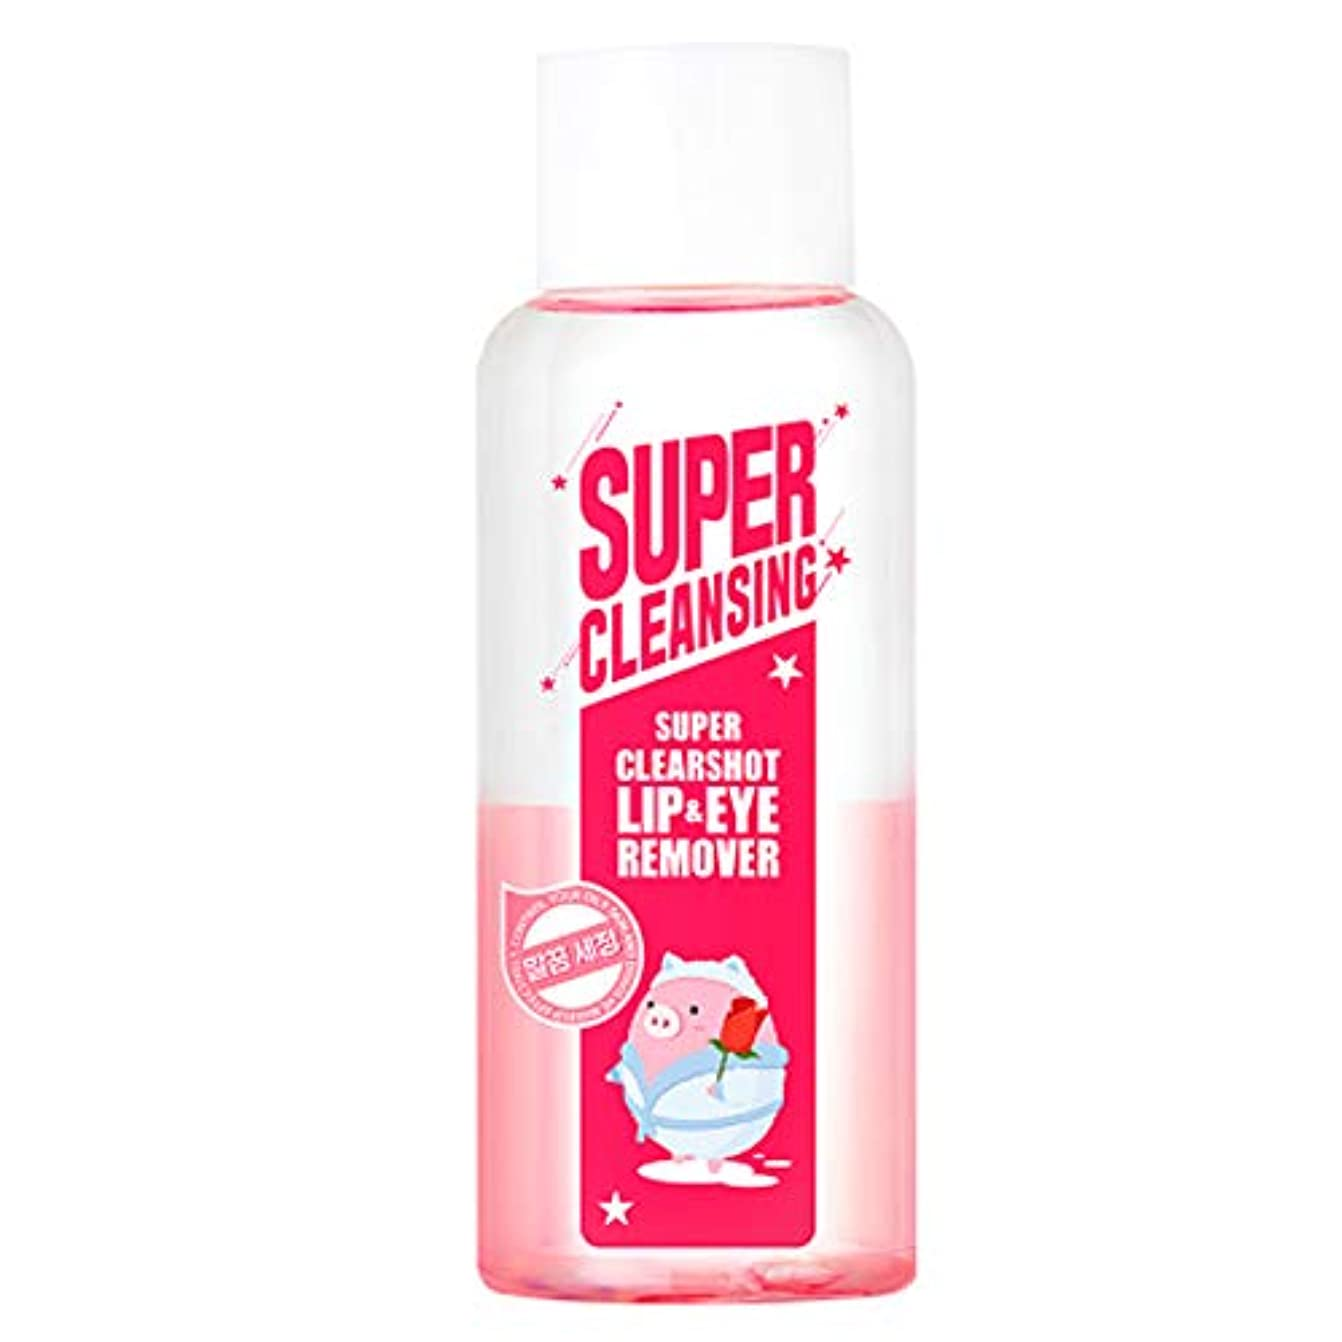 飼料回転させる雑多なMefactory Super Clearshot Lip&Eye Remover ミファクトリ? スーパークリアーリップ&アイリムーバー [並行輸入品]